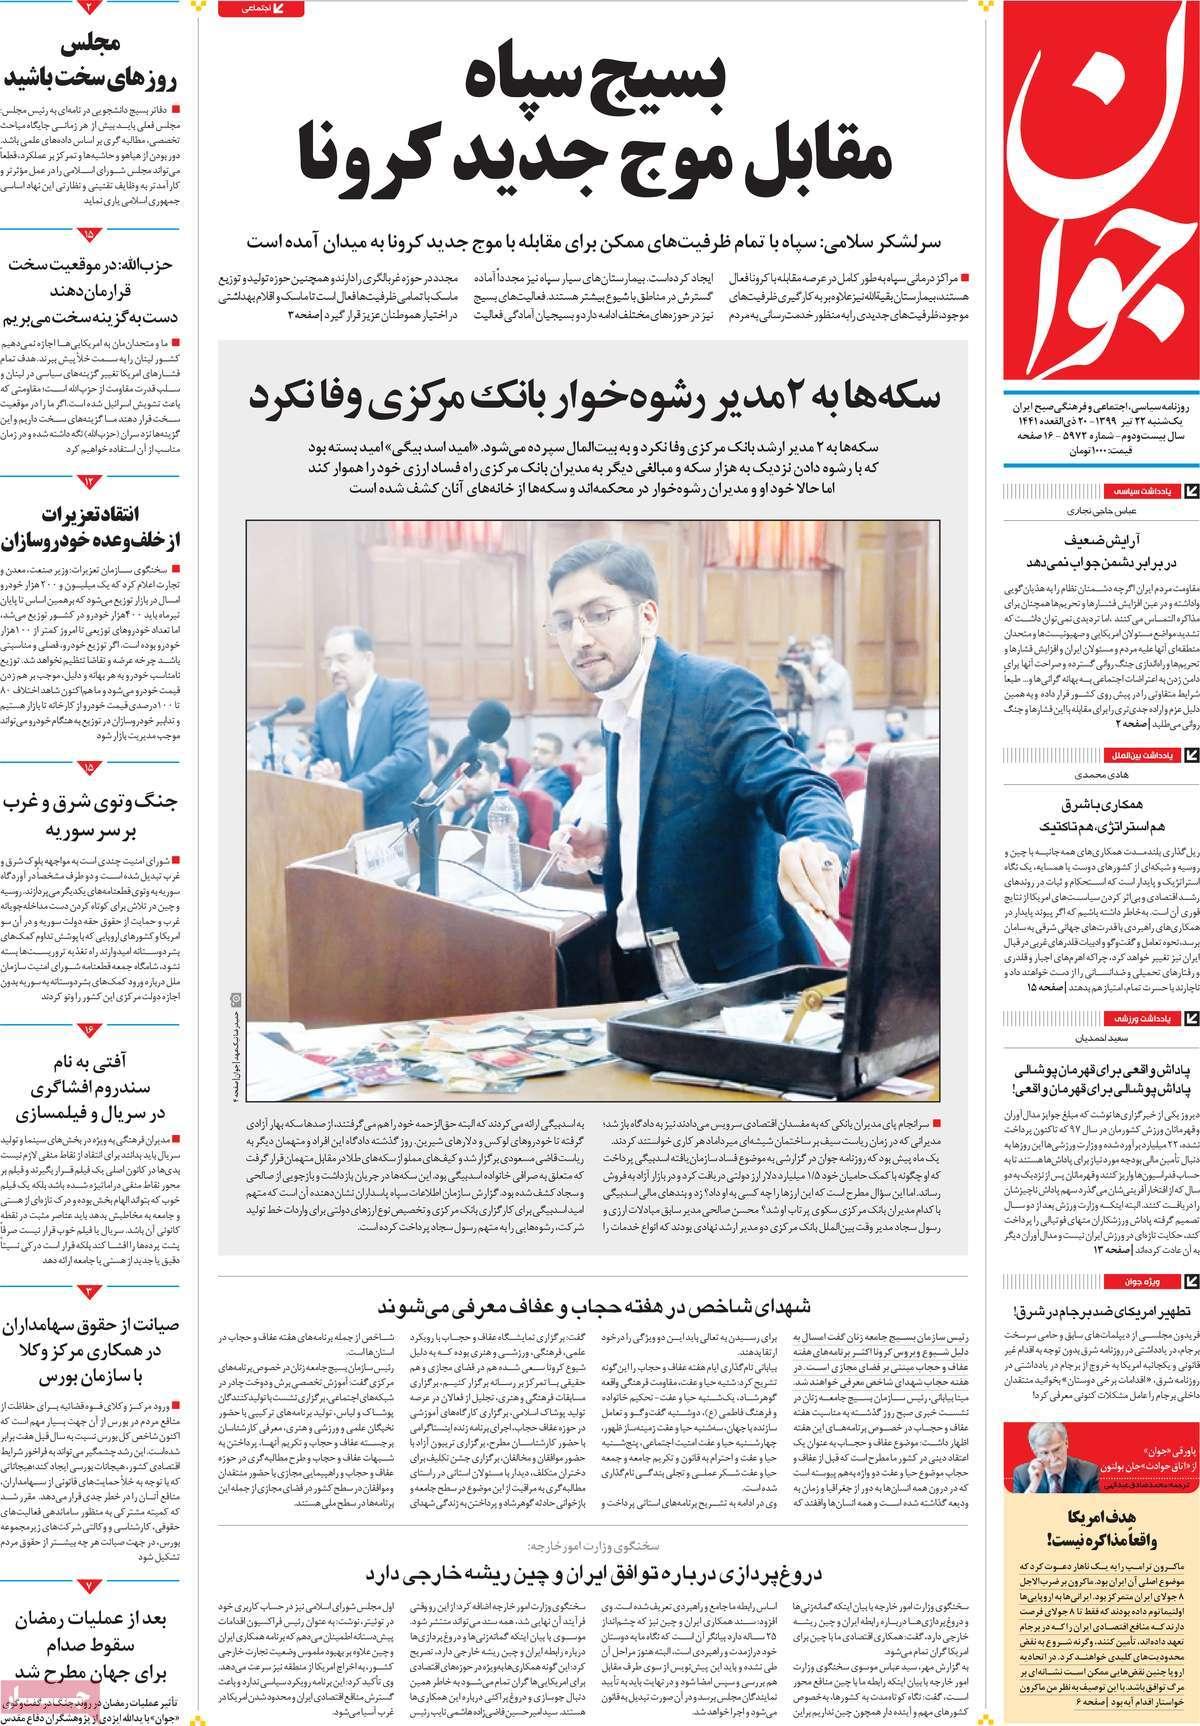 9b861925 عناوین روزنامه های امروز شنبه 22 تیر 99 + تصویر